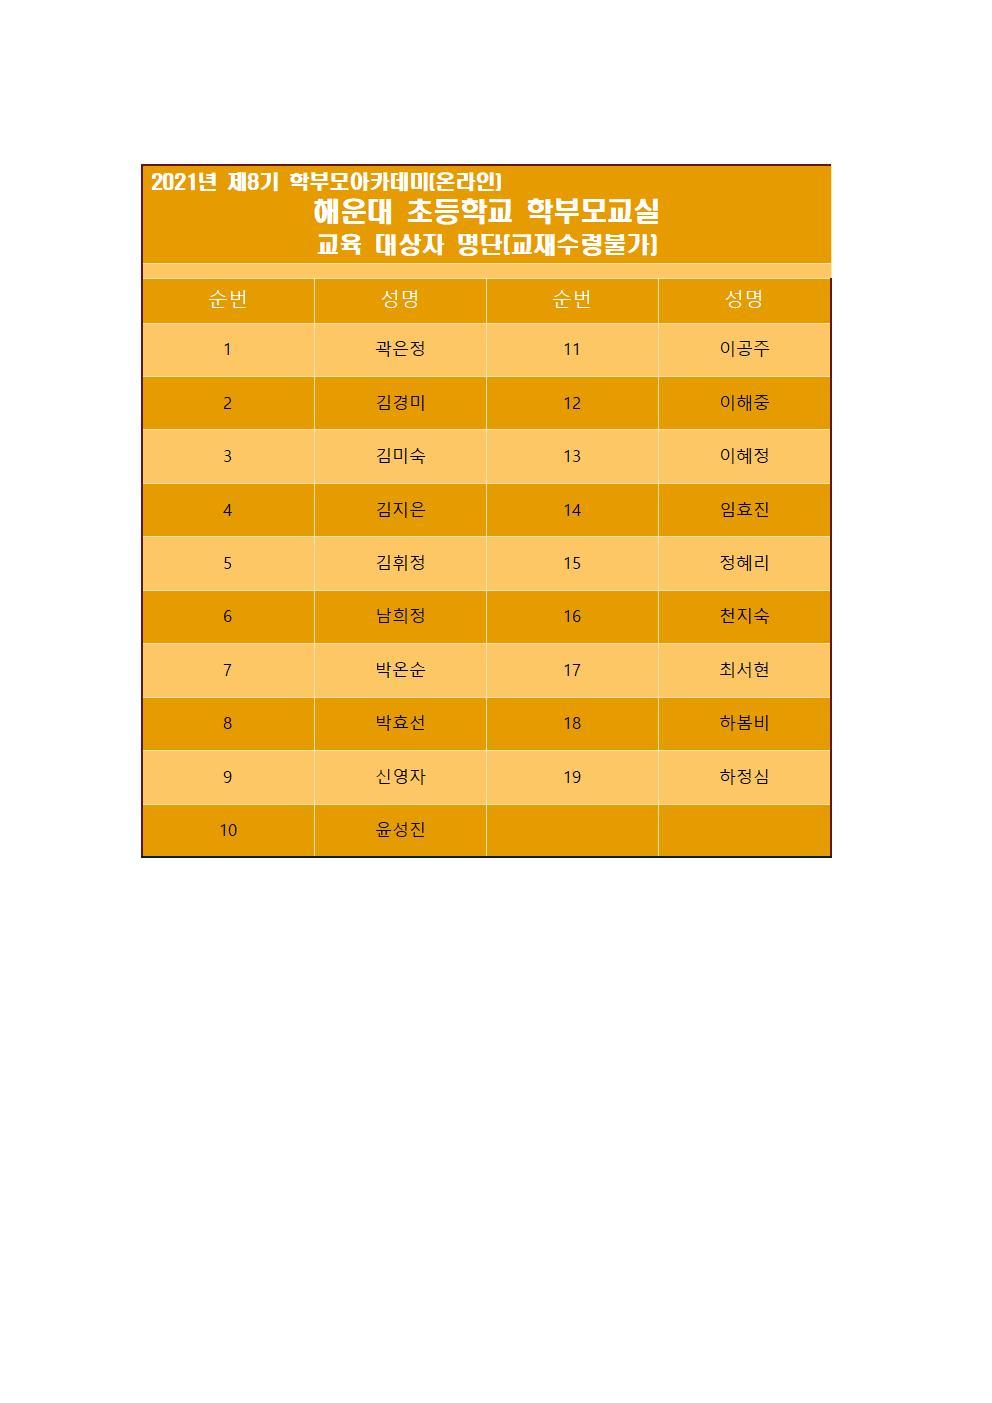 제8기 학부모아카데미 교육생 명단(홈피)004.jpg